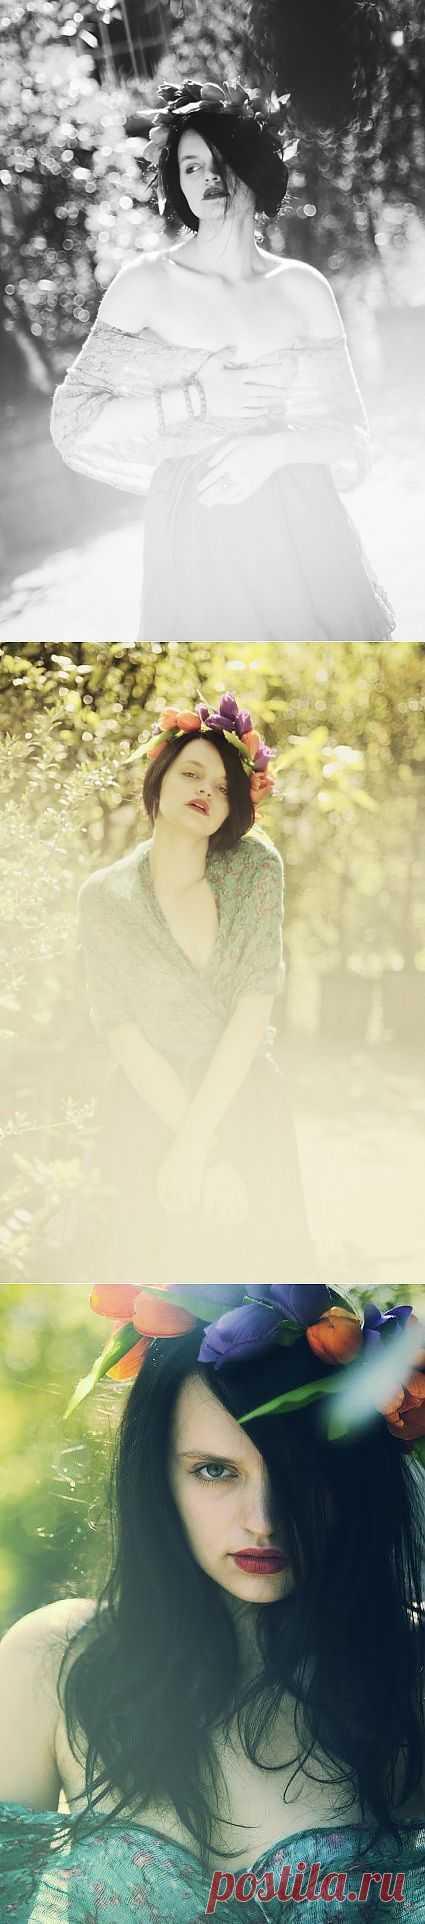 Обруч из тюльпанов / Украшения для волос / Модный сайт о стильной переделке одежды и интерьера